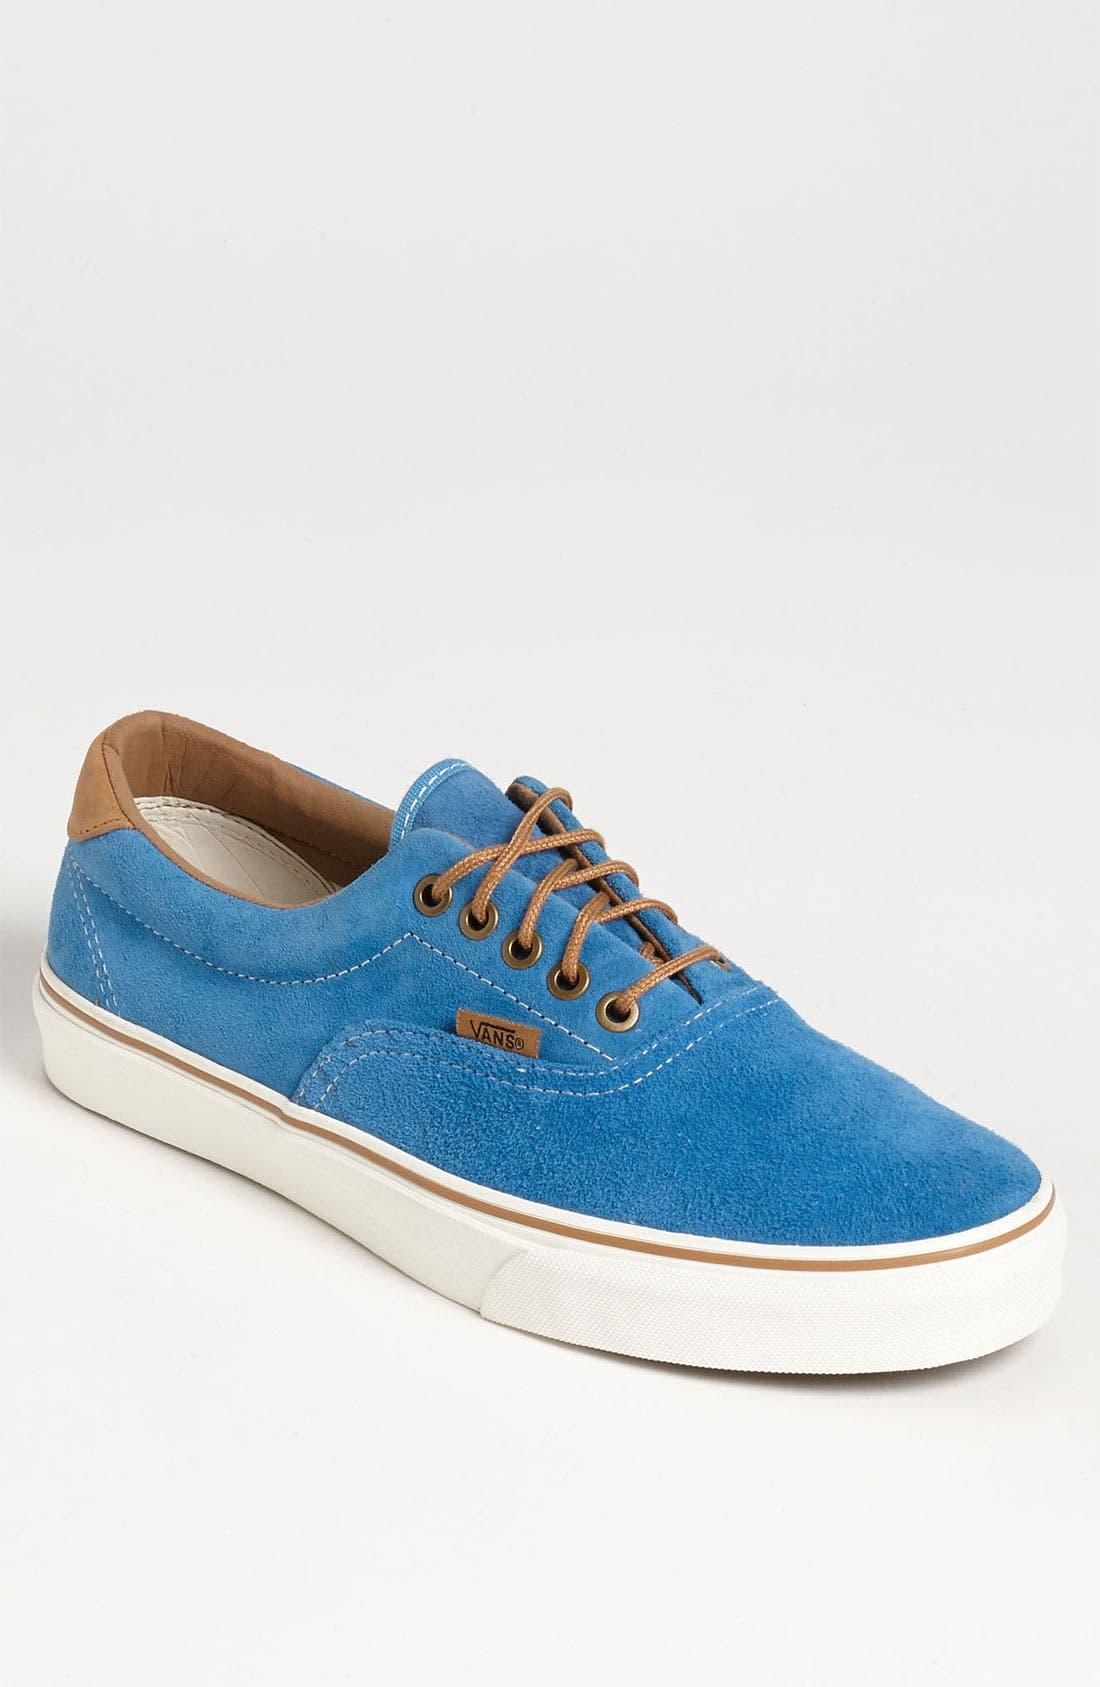 Main Image - Vans 'Cali - Era 59' Sneaker (Men)